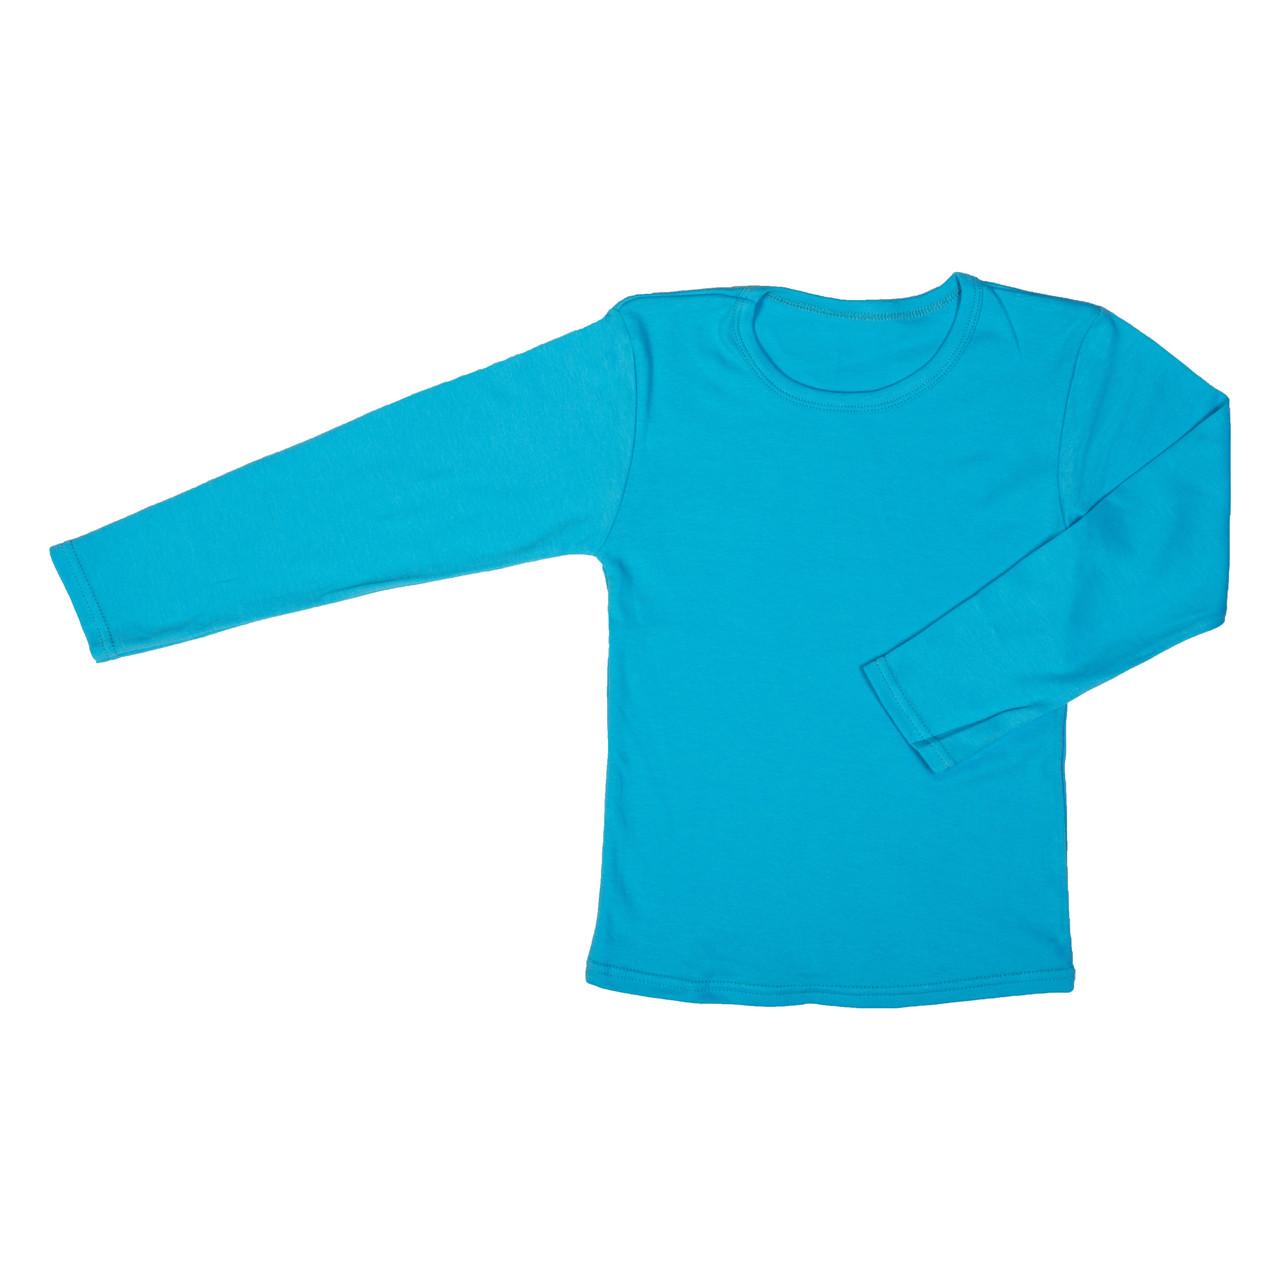 Футболка длинный рукав интерлок синяя